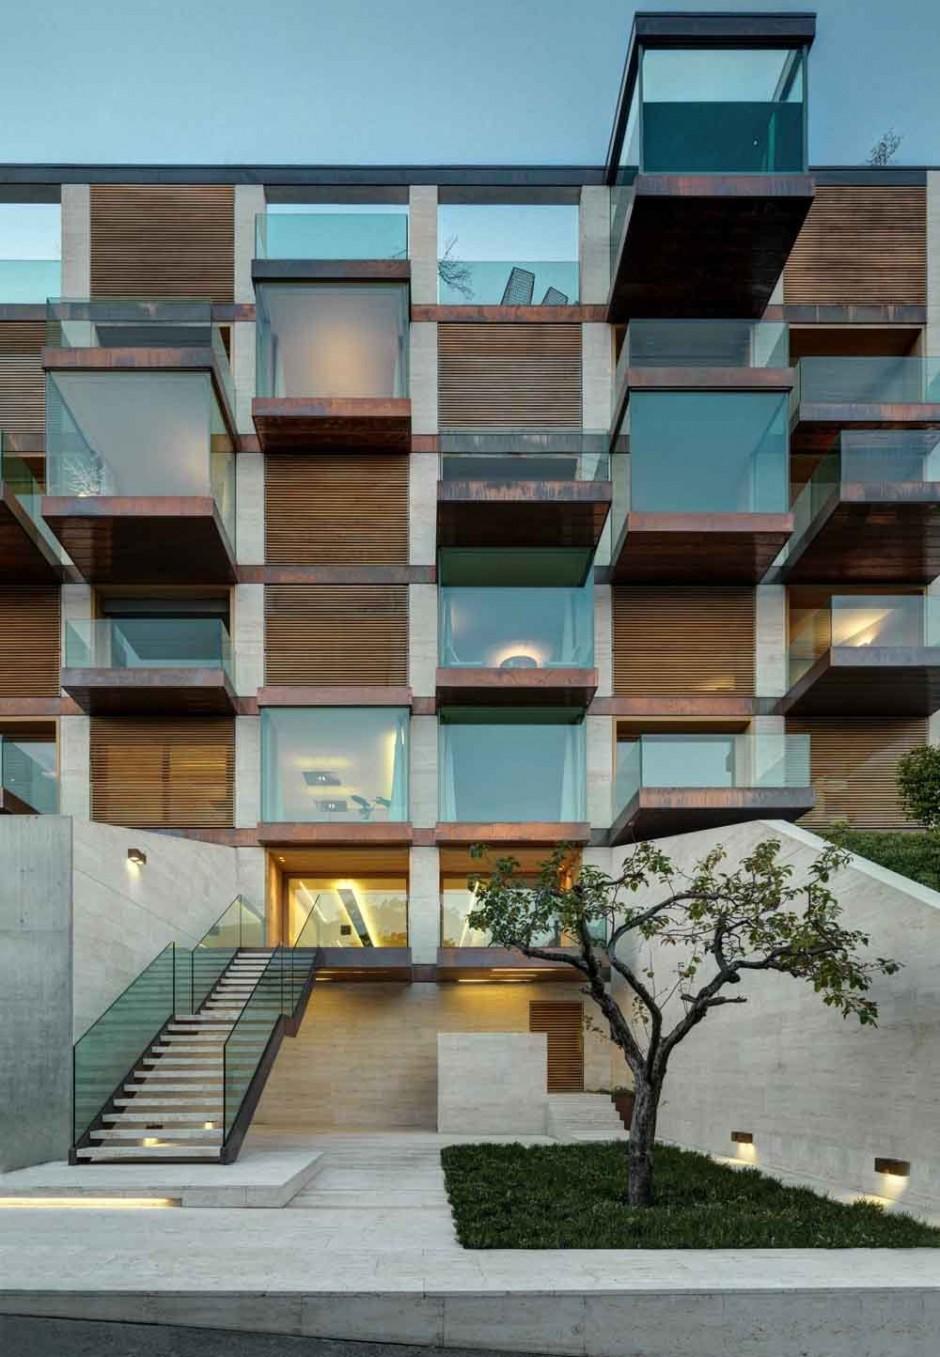 Urbanización de lujo con una fachada hecha de cubos de cristal 2